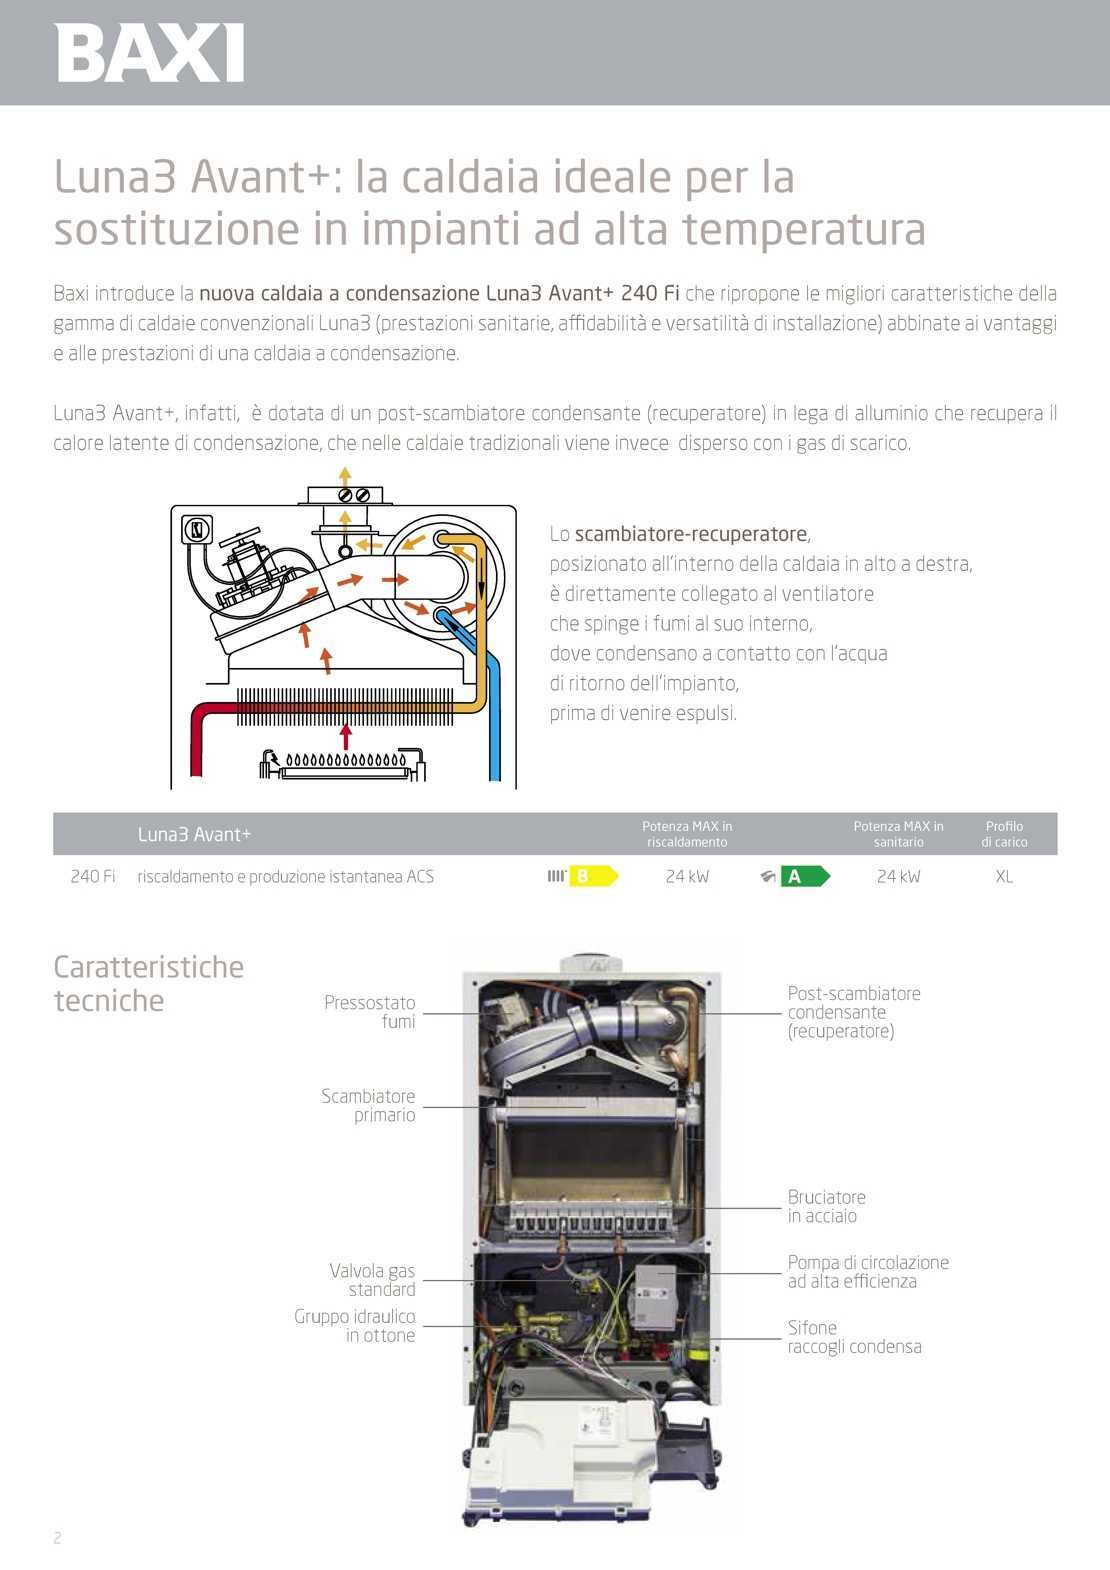 Baxi Caldaia A Condensazione Luna3 Avant 240fi Metano